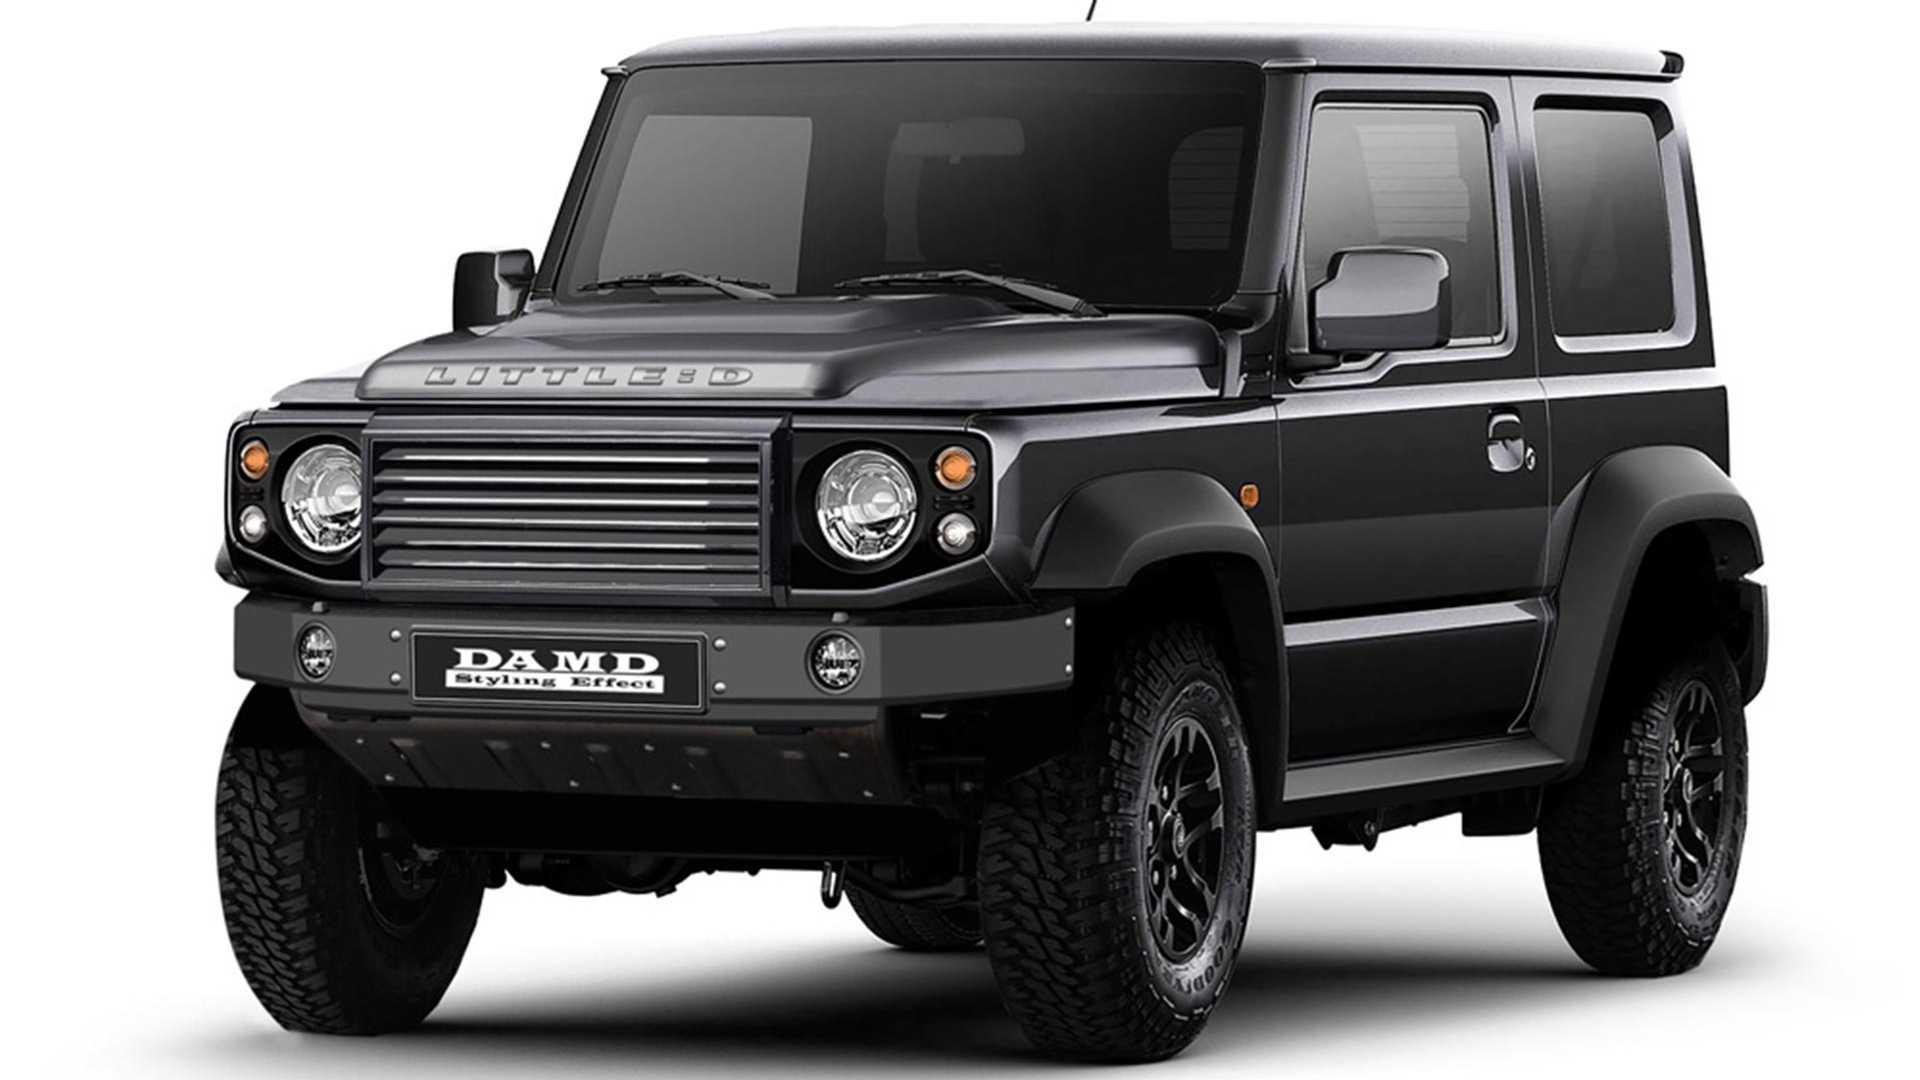 Le Suzuki Jimny devient Land Rover Defender ou Mercedes Classe G